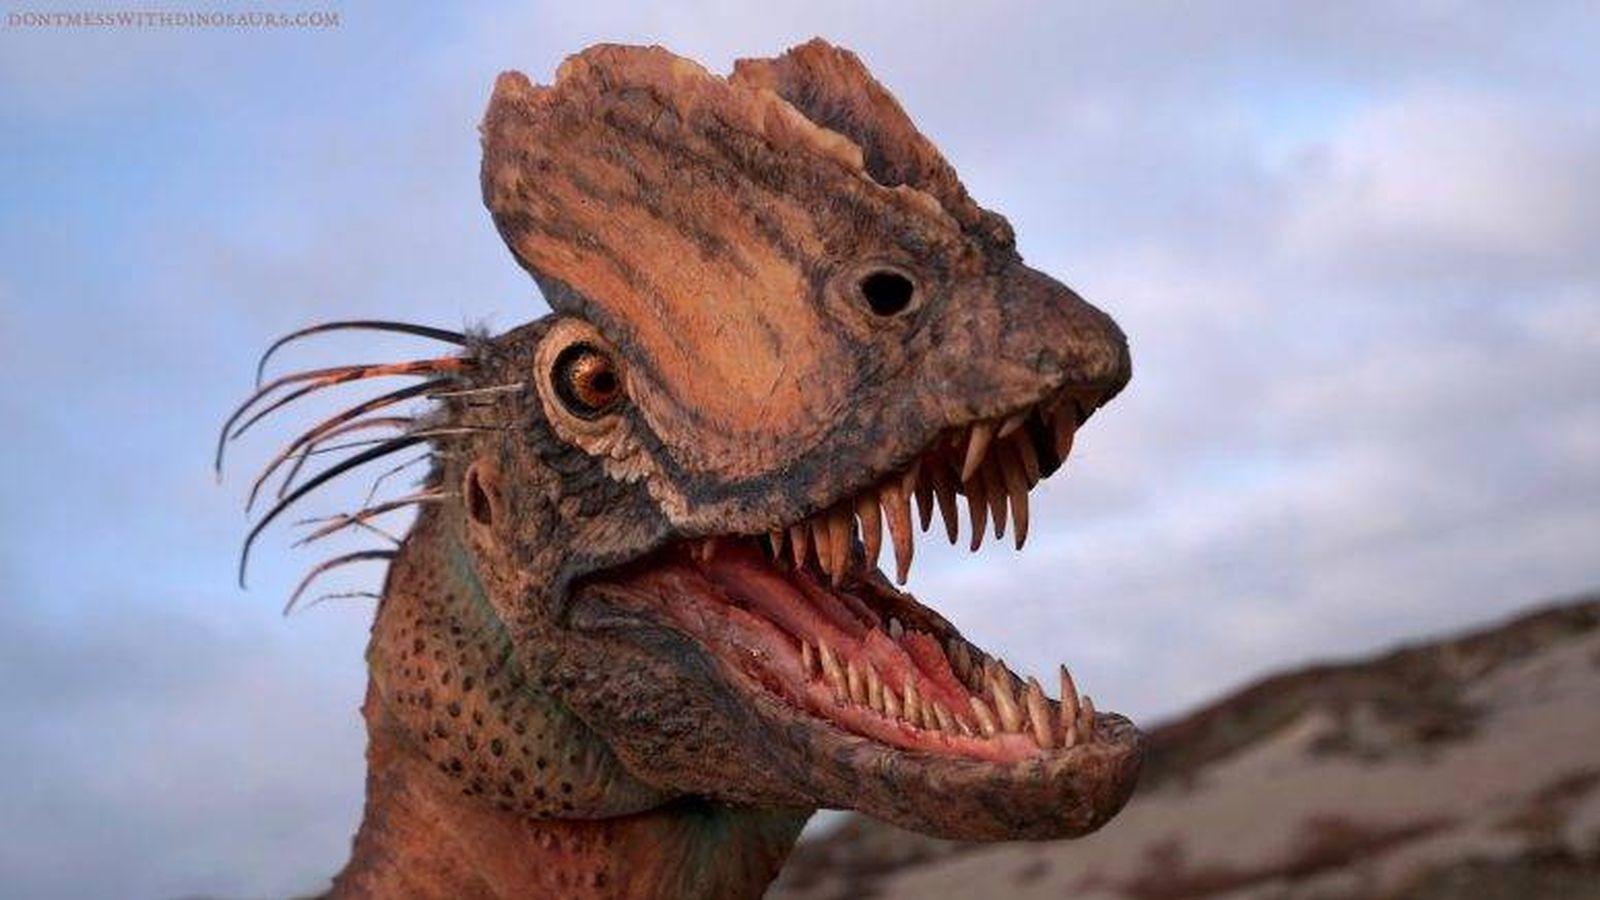 Uno De Los Famosos Dinosaurios De Jurassic Park No Era Como Nos Lo Han Vendido Dibujos para colorear, colorear imágenes, educación, escolar, dibujos, colorear la imagen: jurassic park